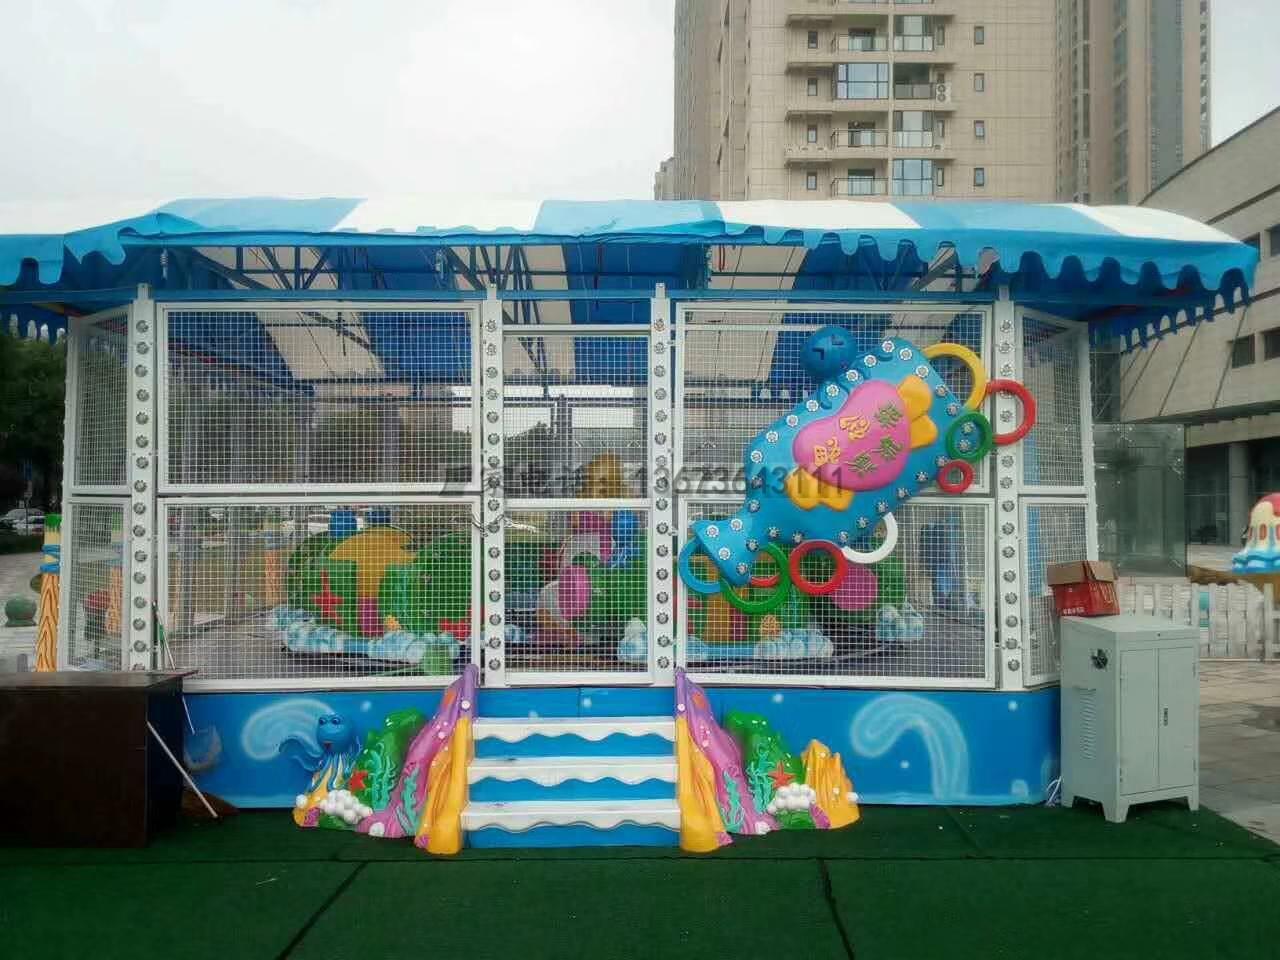 2020室内儿童游乐欢乐喷球车_新款欢乐喷球车项目_郑州大洋欢乐喷球车示例图7